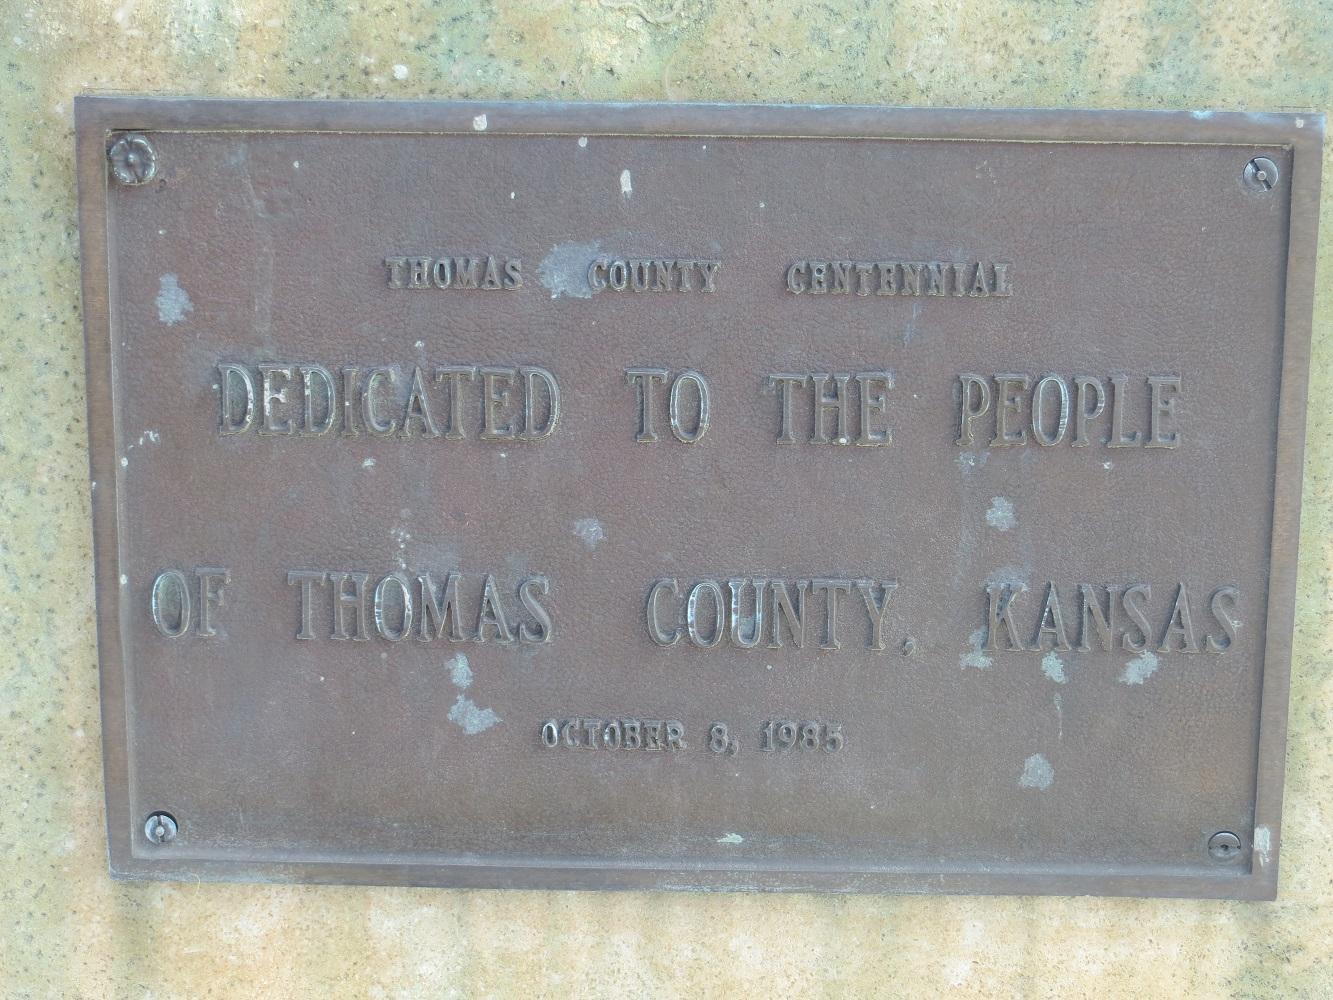 Thomas County centennial plaque